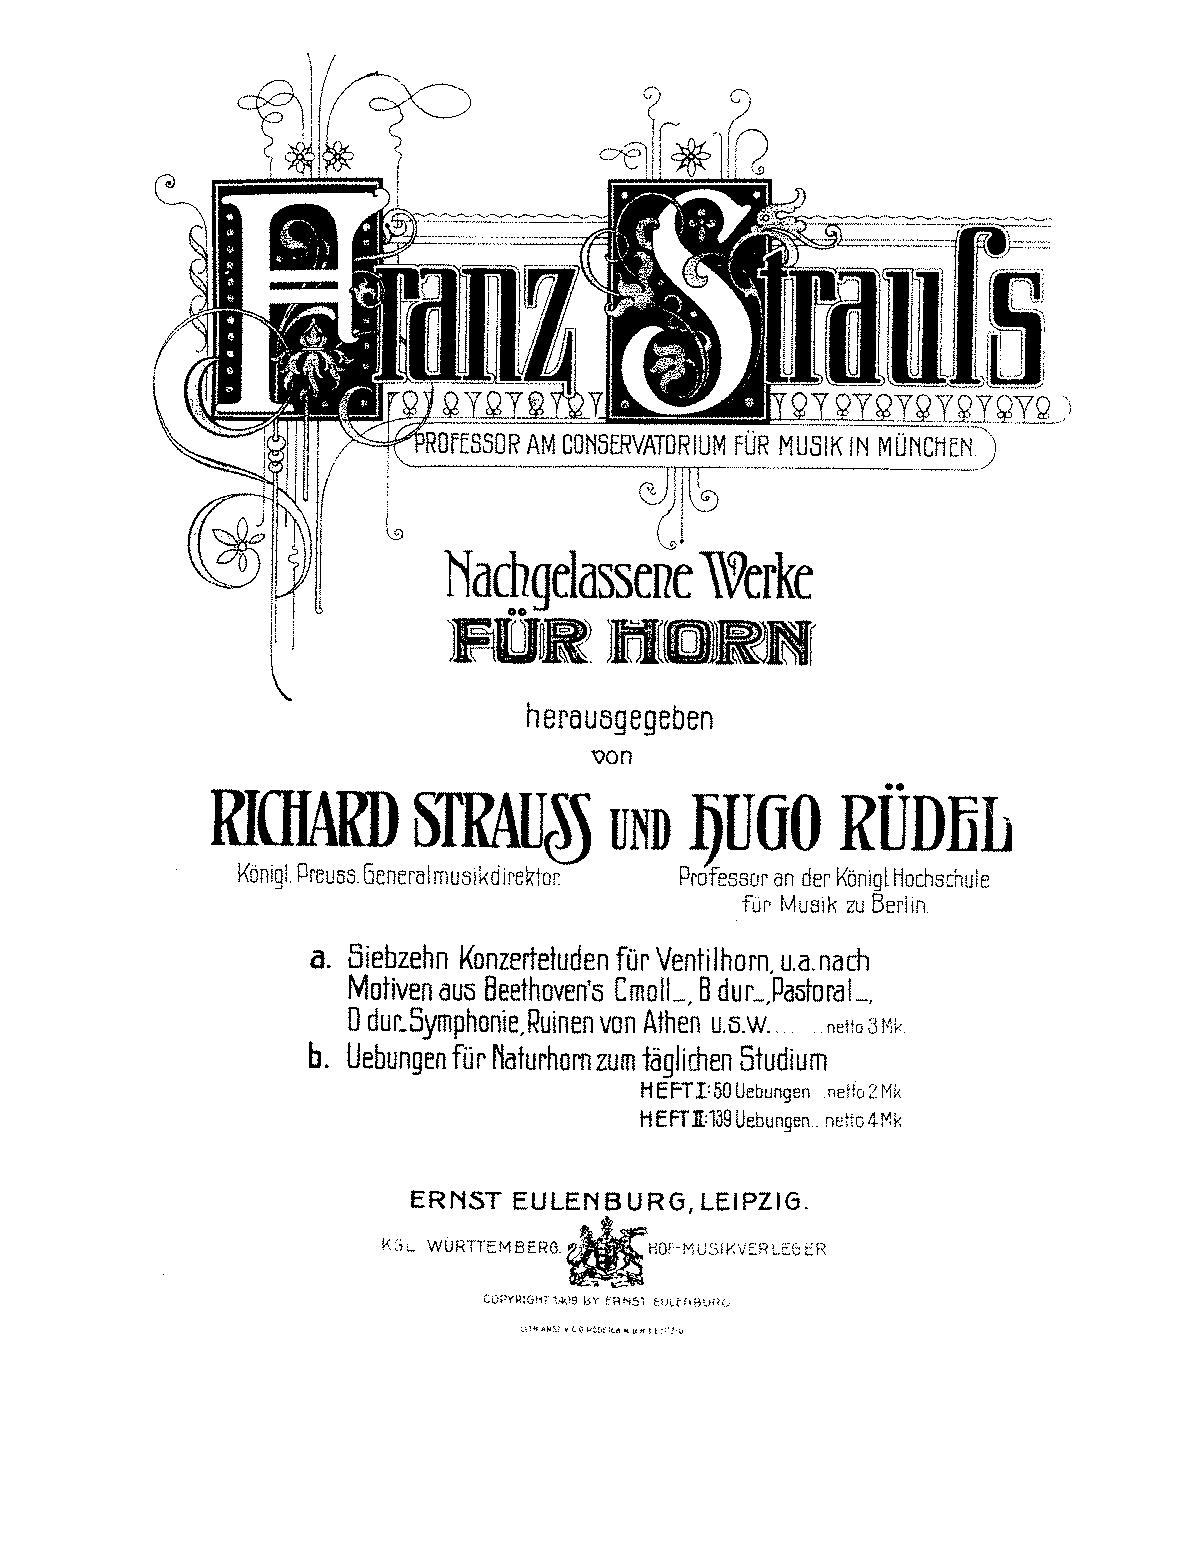 Übungen für Naturhorn zum täglichen Studium (Strauss